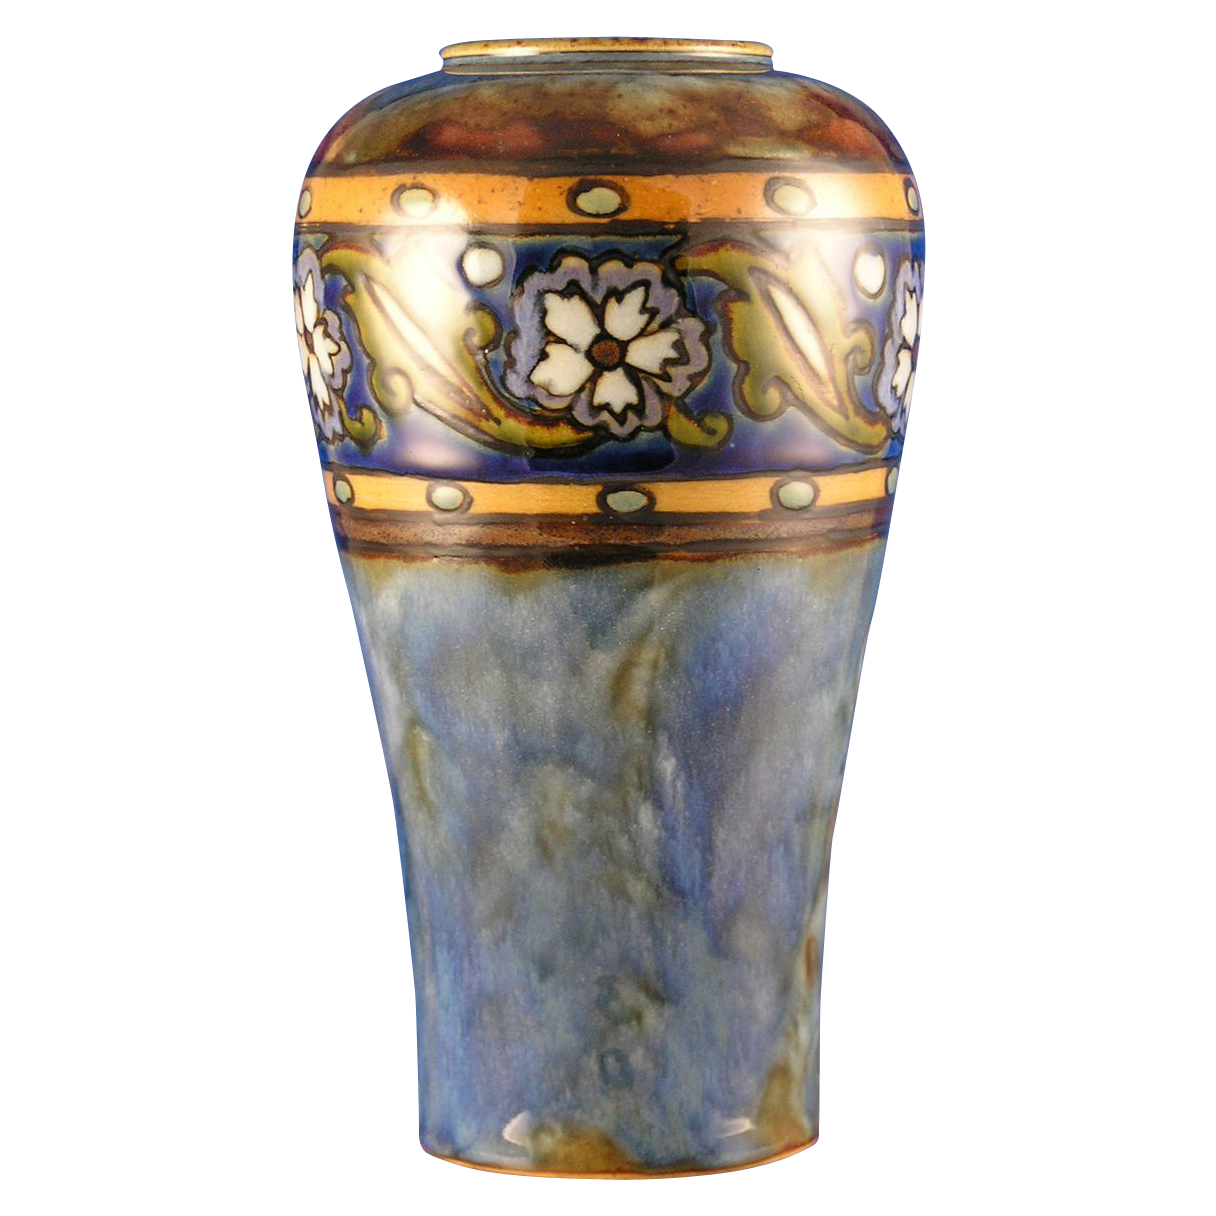 Royal Doulton Arts & Crafts Floral Motif Vase (Signed John Huskinson/c.1923-1927)